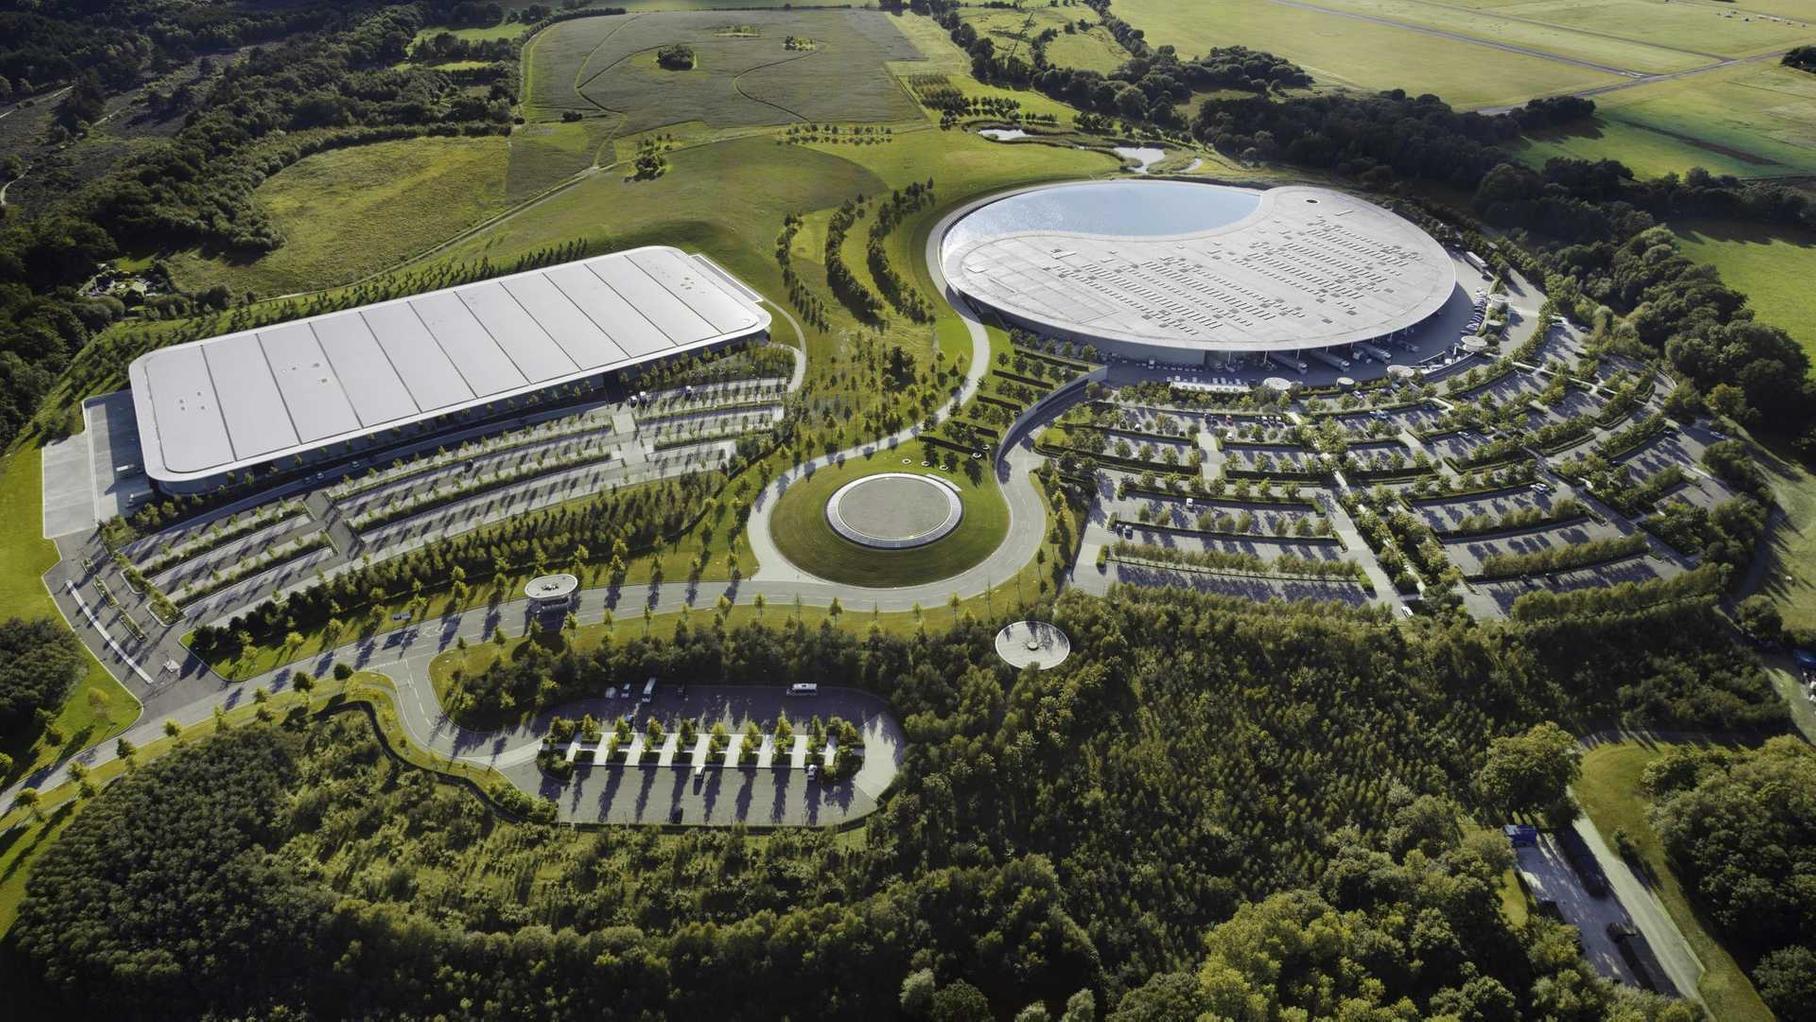 McLaren планирует заложить завод и коллекцию гоночных автомобилей